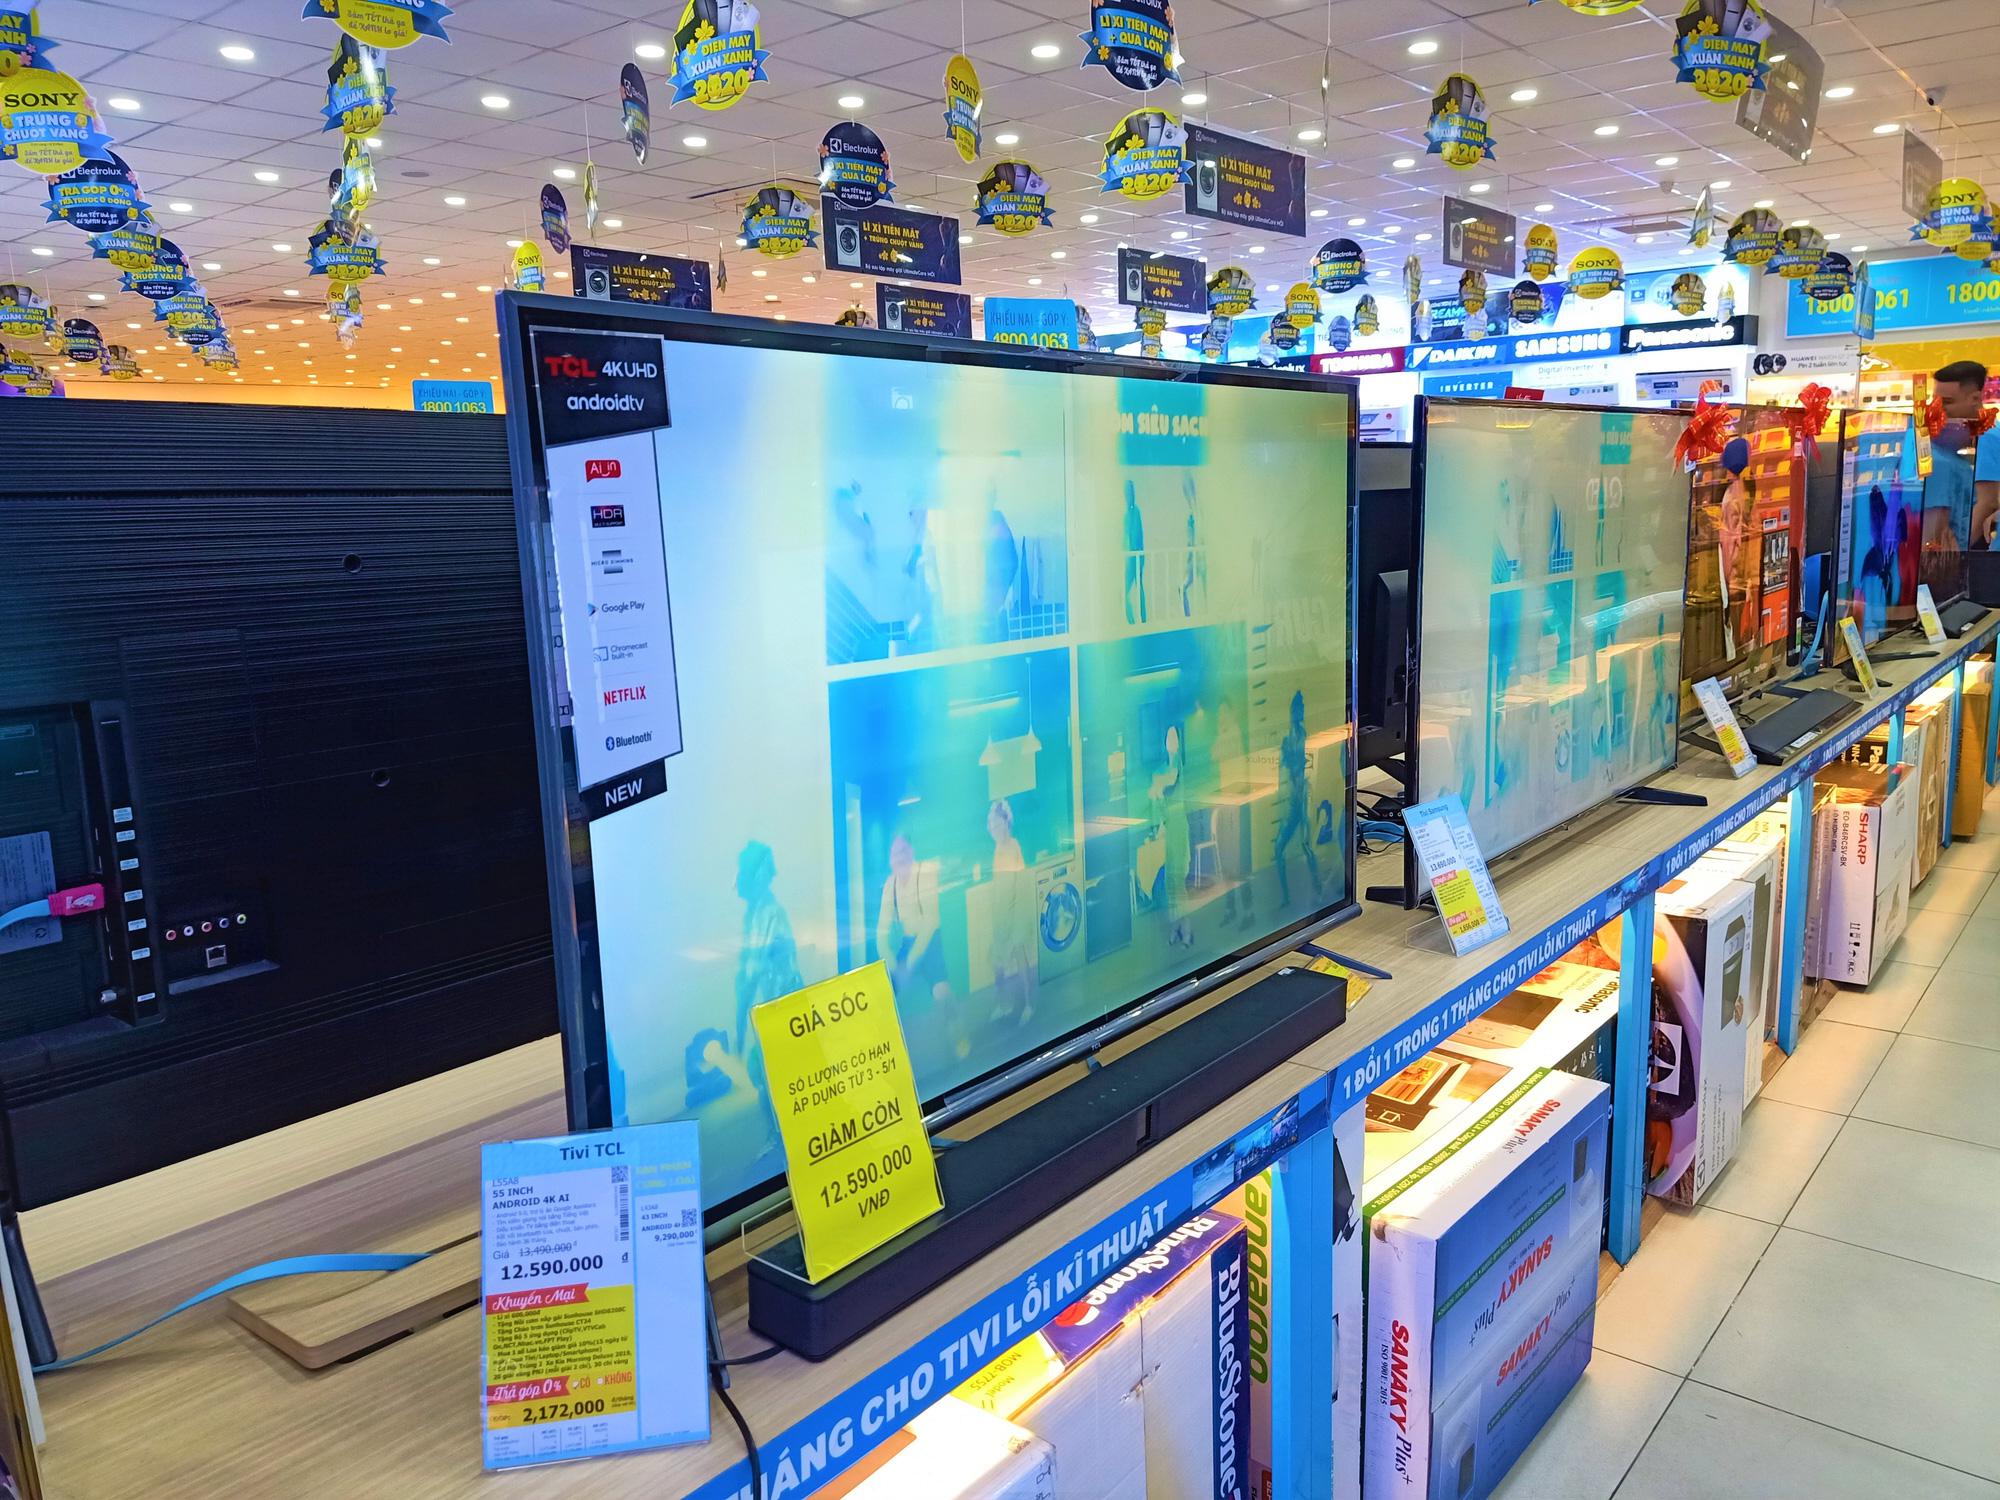 Tivi giảm giá tuần này: Nhiều khuyến mãi cho các loại sản phẩm khác nhau - Ảnh 3.